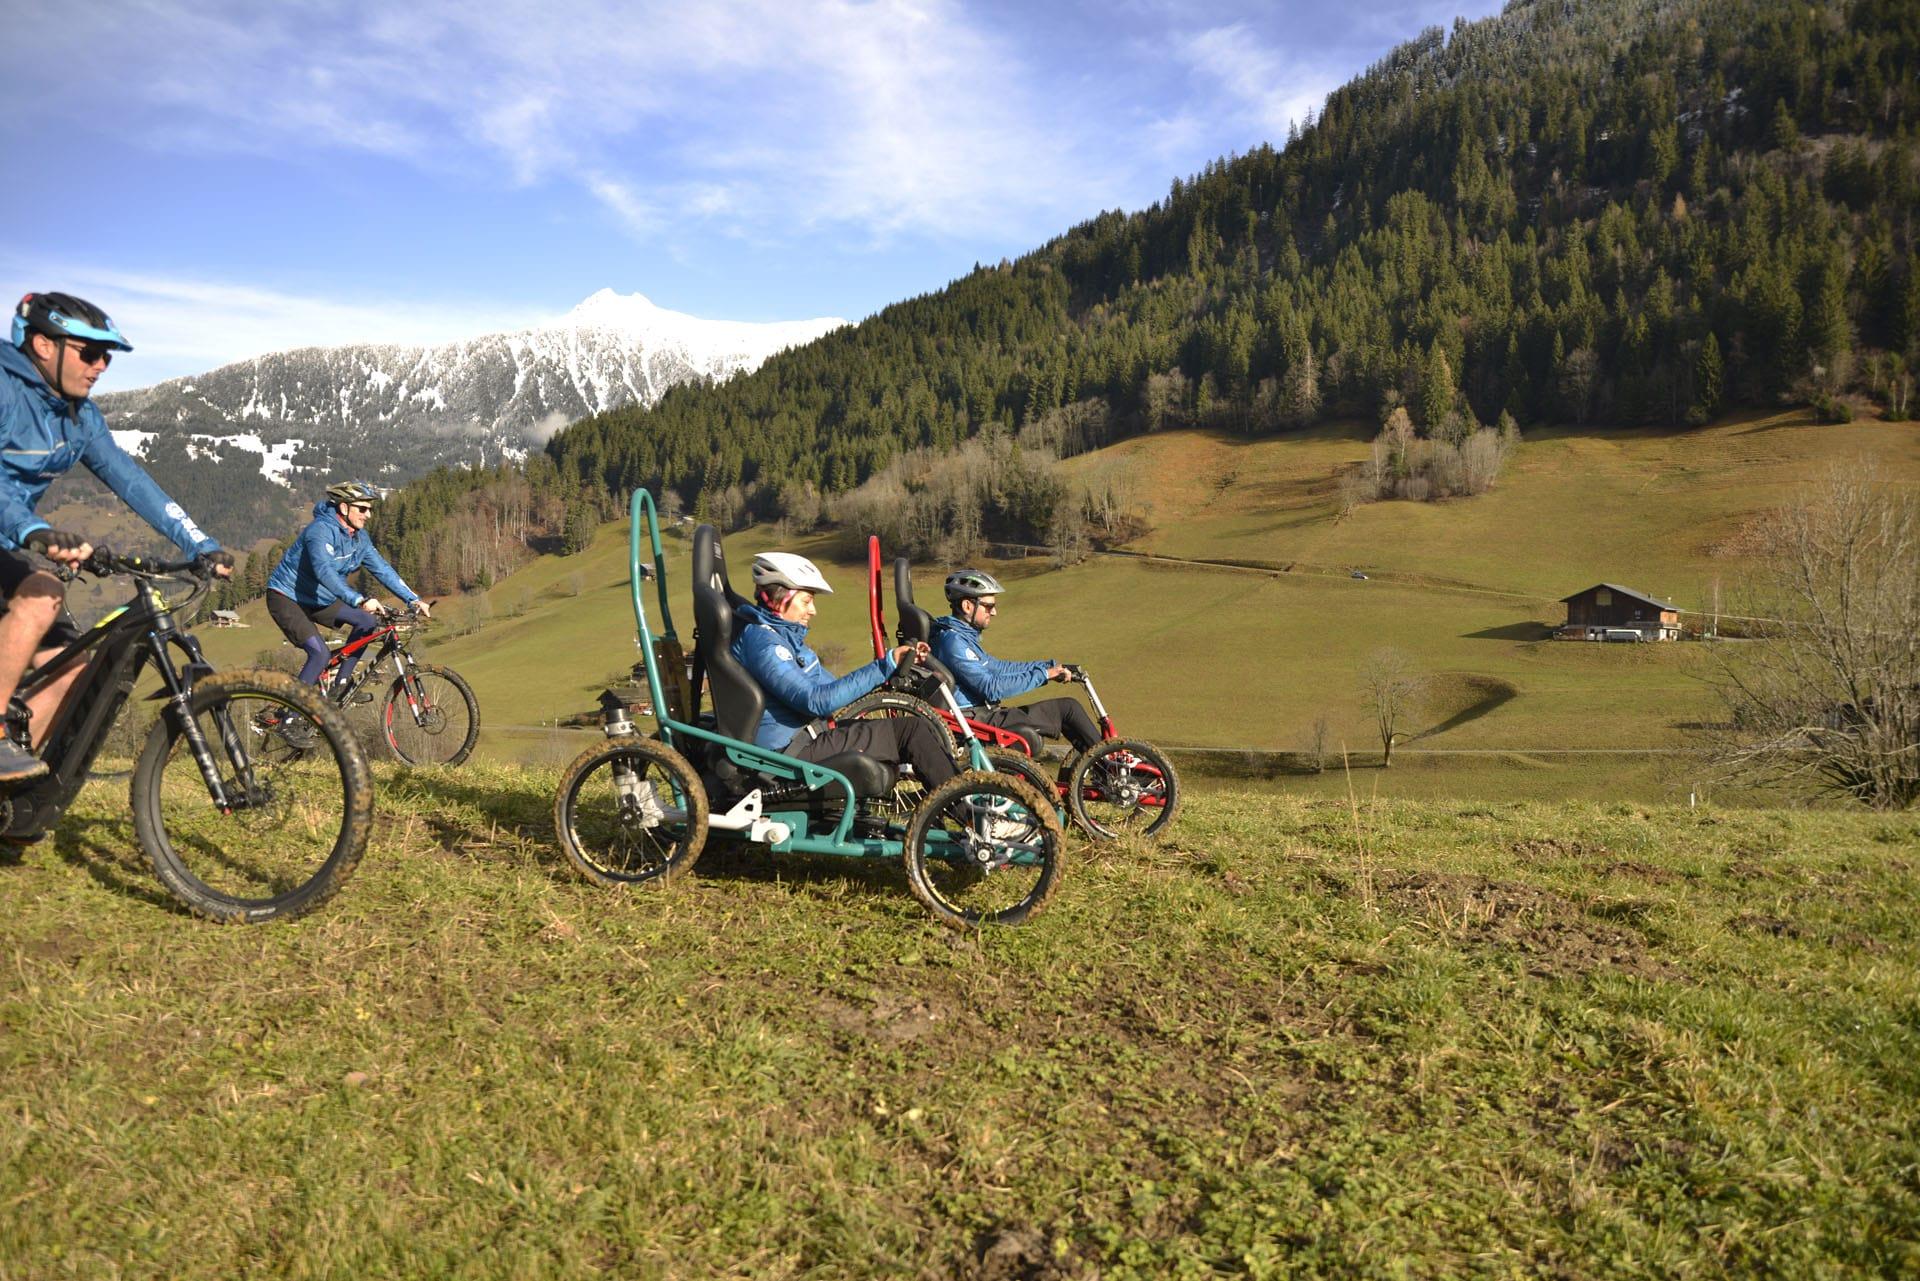 Quadrix the all-terrain chair